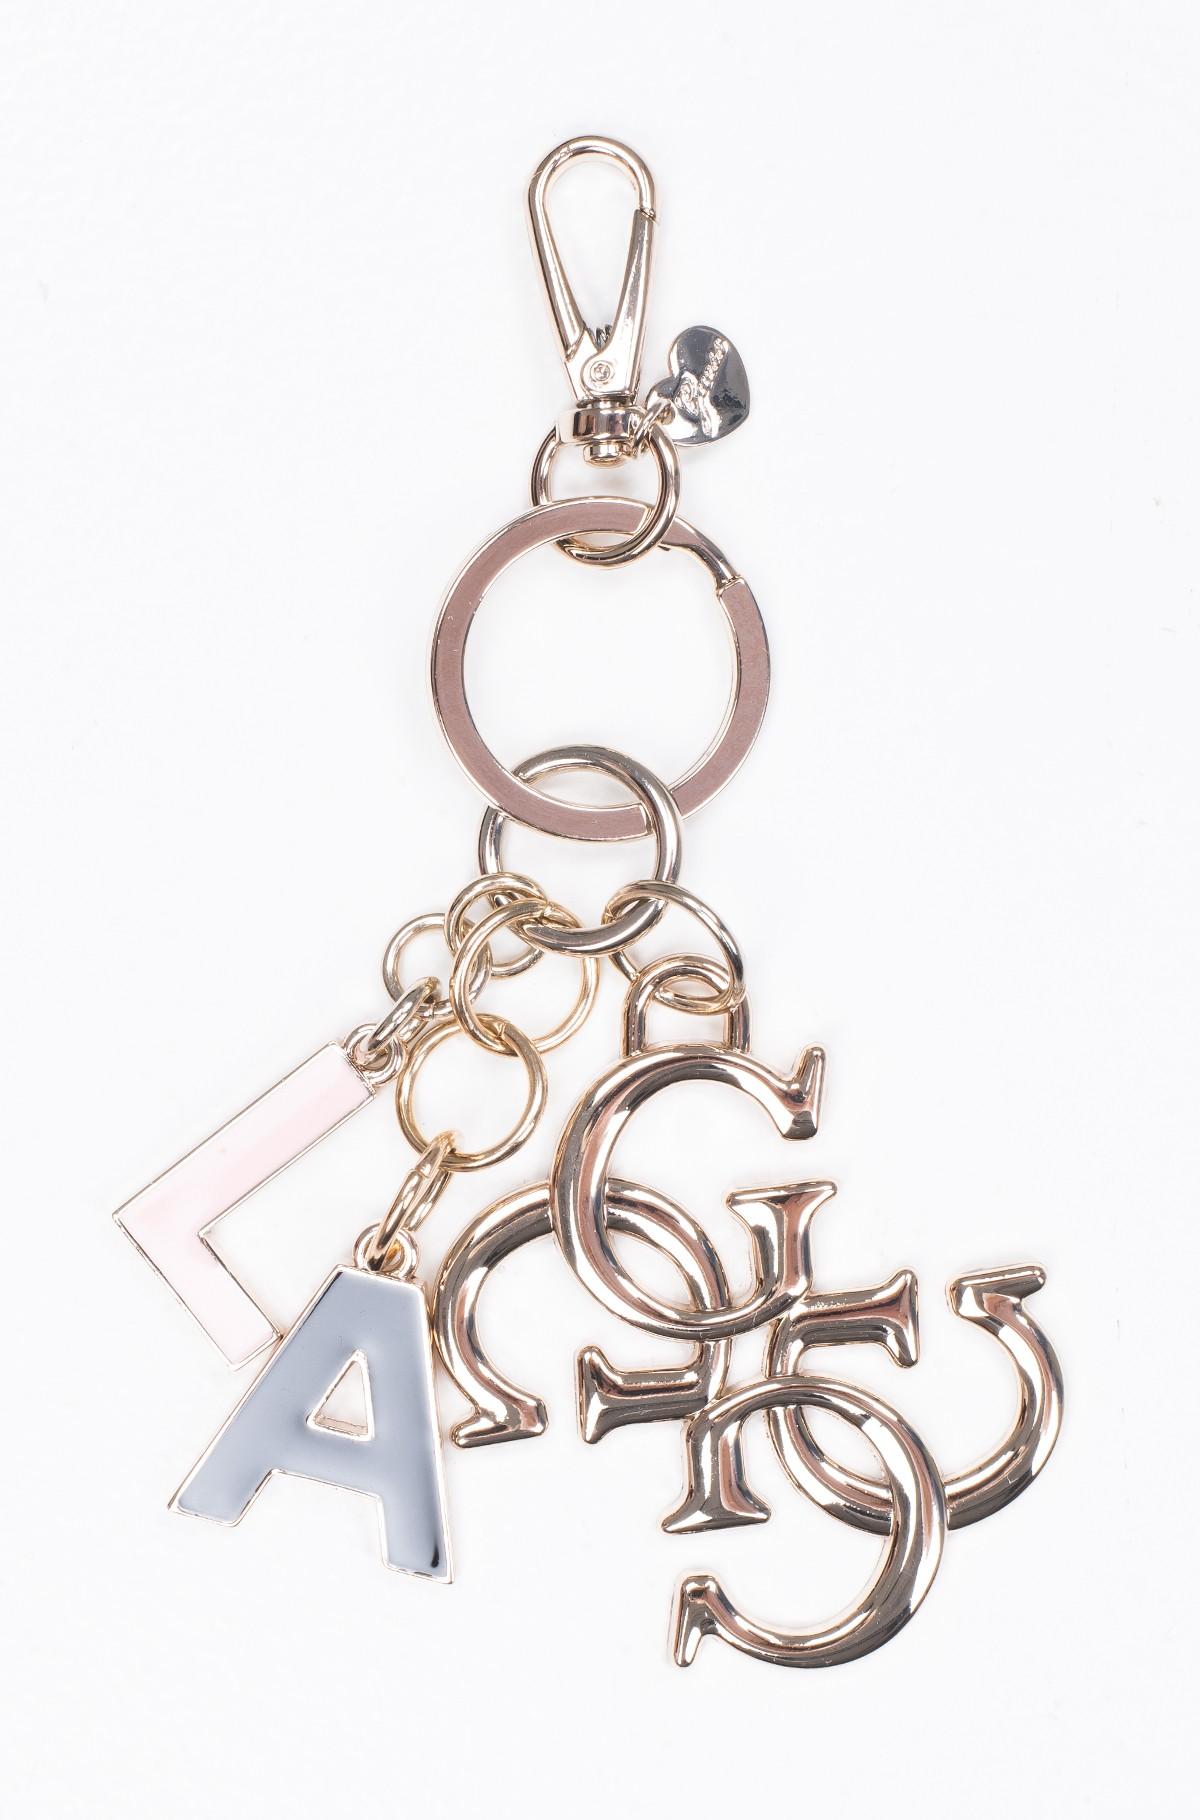 Atslēgu piekariņš RWB669 11010-full-1